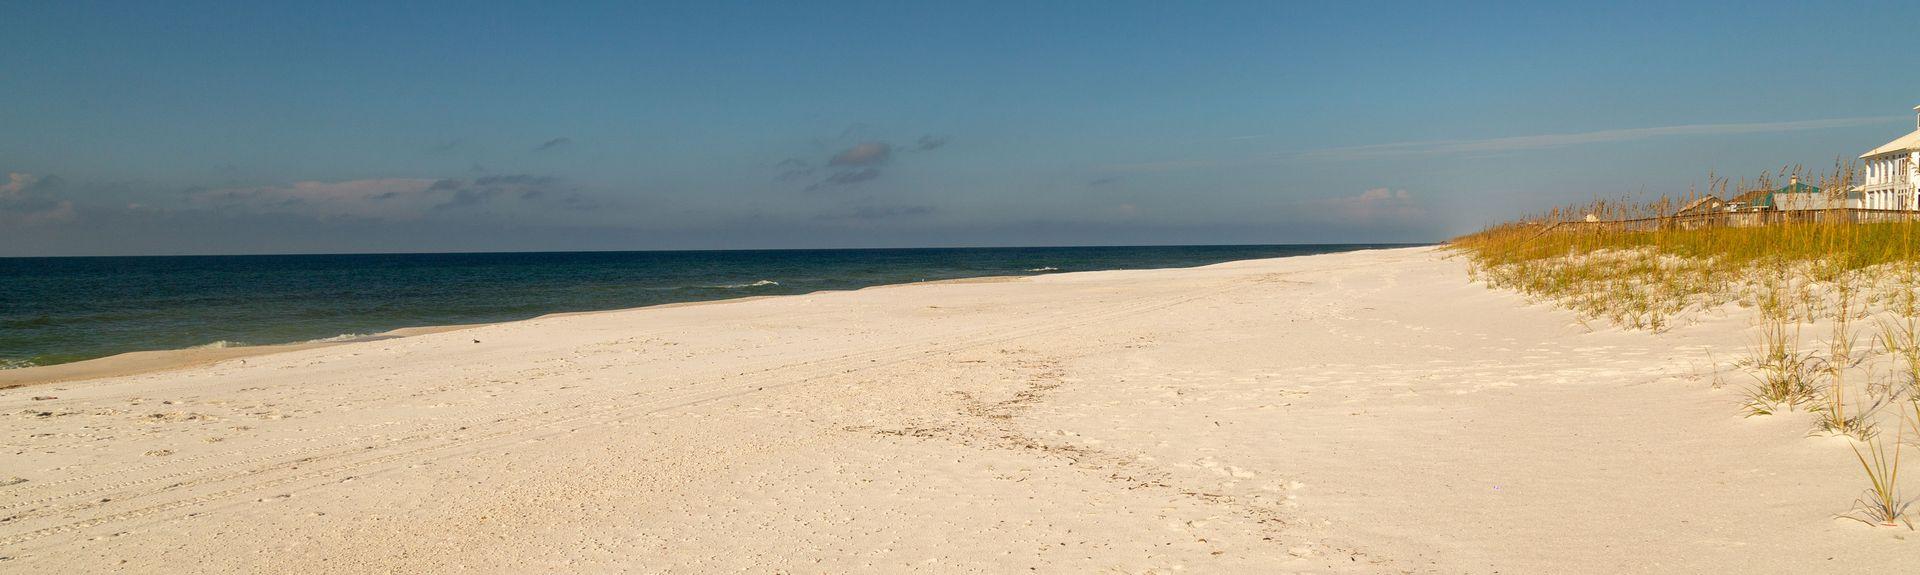 Pensacola Beach Pier, Pensacola Beach, Florida, USA